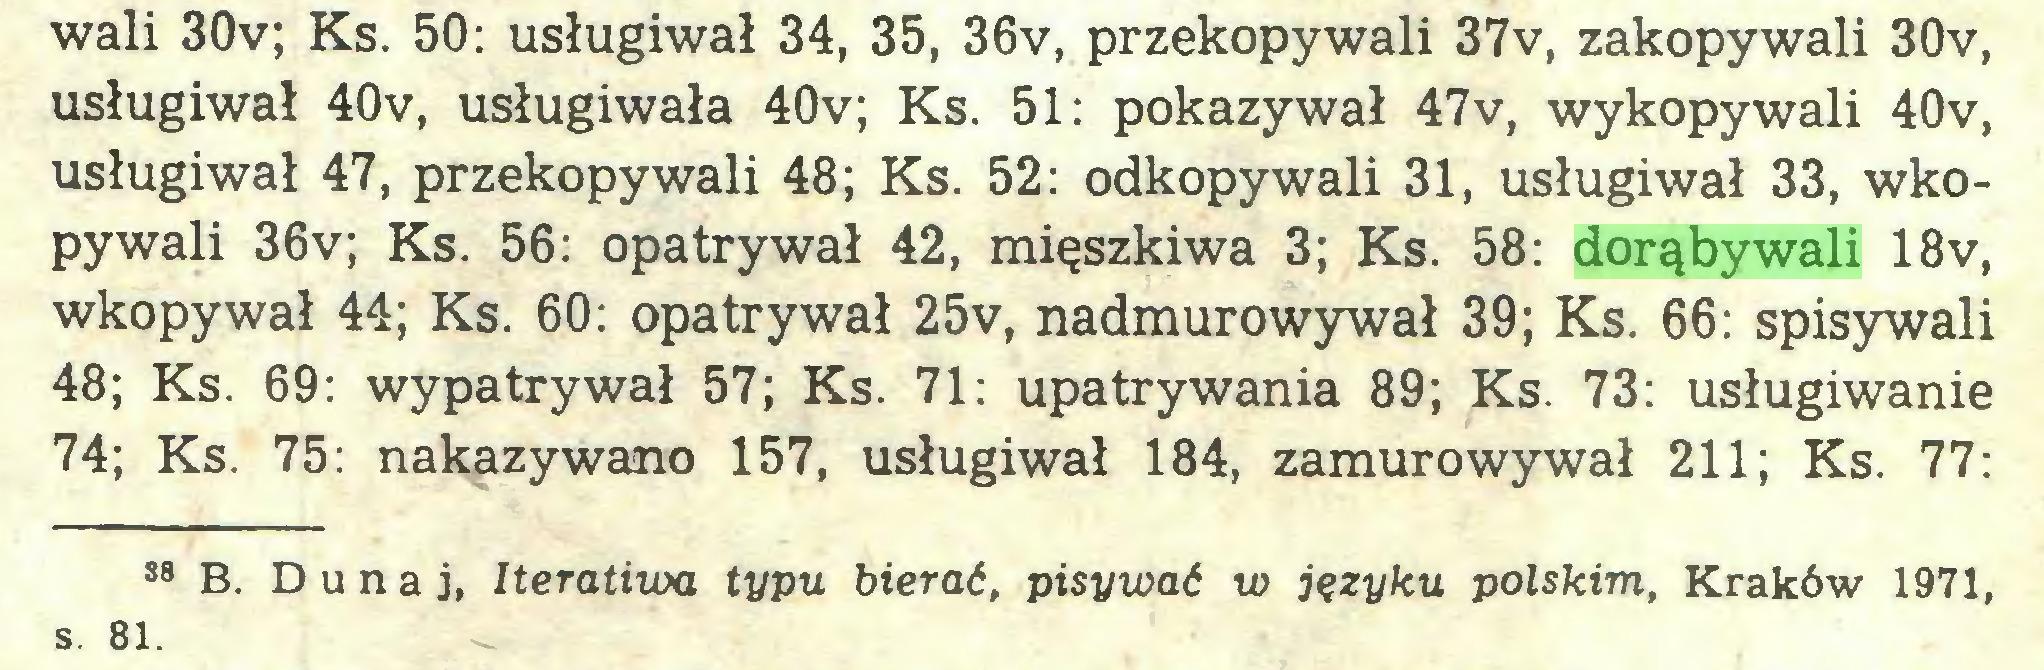 (...) wali 30v; Ks. 50: usługiwał 34, 35, 36v, przekopywali 37v, zakopywali 30v, usługiwał 40v, usługiwała 40v; Ks. 51: pokazywał 47v, wykopywali 40v, usługiwał 47, przekopywali 48; Ks. 52: odkopywali 31, usługiwał 33, wkopywali 36v; Ks. 56: opatrywał 42, mięszkiwa 3; Ks. 58: dorąbywali 18v, wkopywał 44; Ks. 60: opatrywał 25v, nadmurowywał 39; Ks. 66: spisywali 48; Ks. 69: wypatrywał 57; Ks. 71: upatrywania 89; Ks. 73: usługiwanie 74; Ks. 75: nakazywano 157, usługiwał 184, zamurowywał 211; Ks. 77: 38 B. Dunaj, Iteratiwa typu bierać, pisywać w języku polskim, Kraków 1971, s. 81...